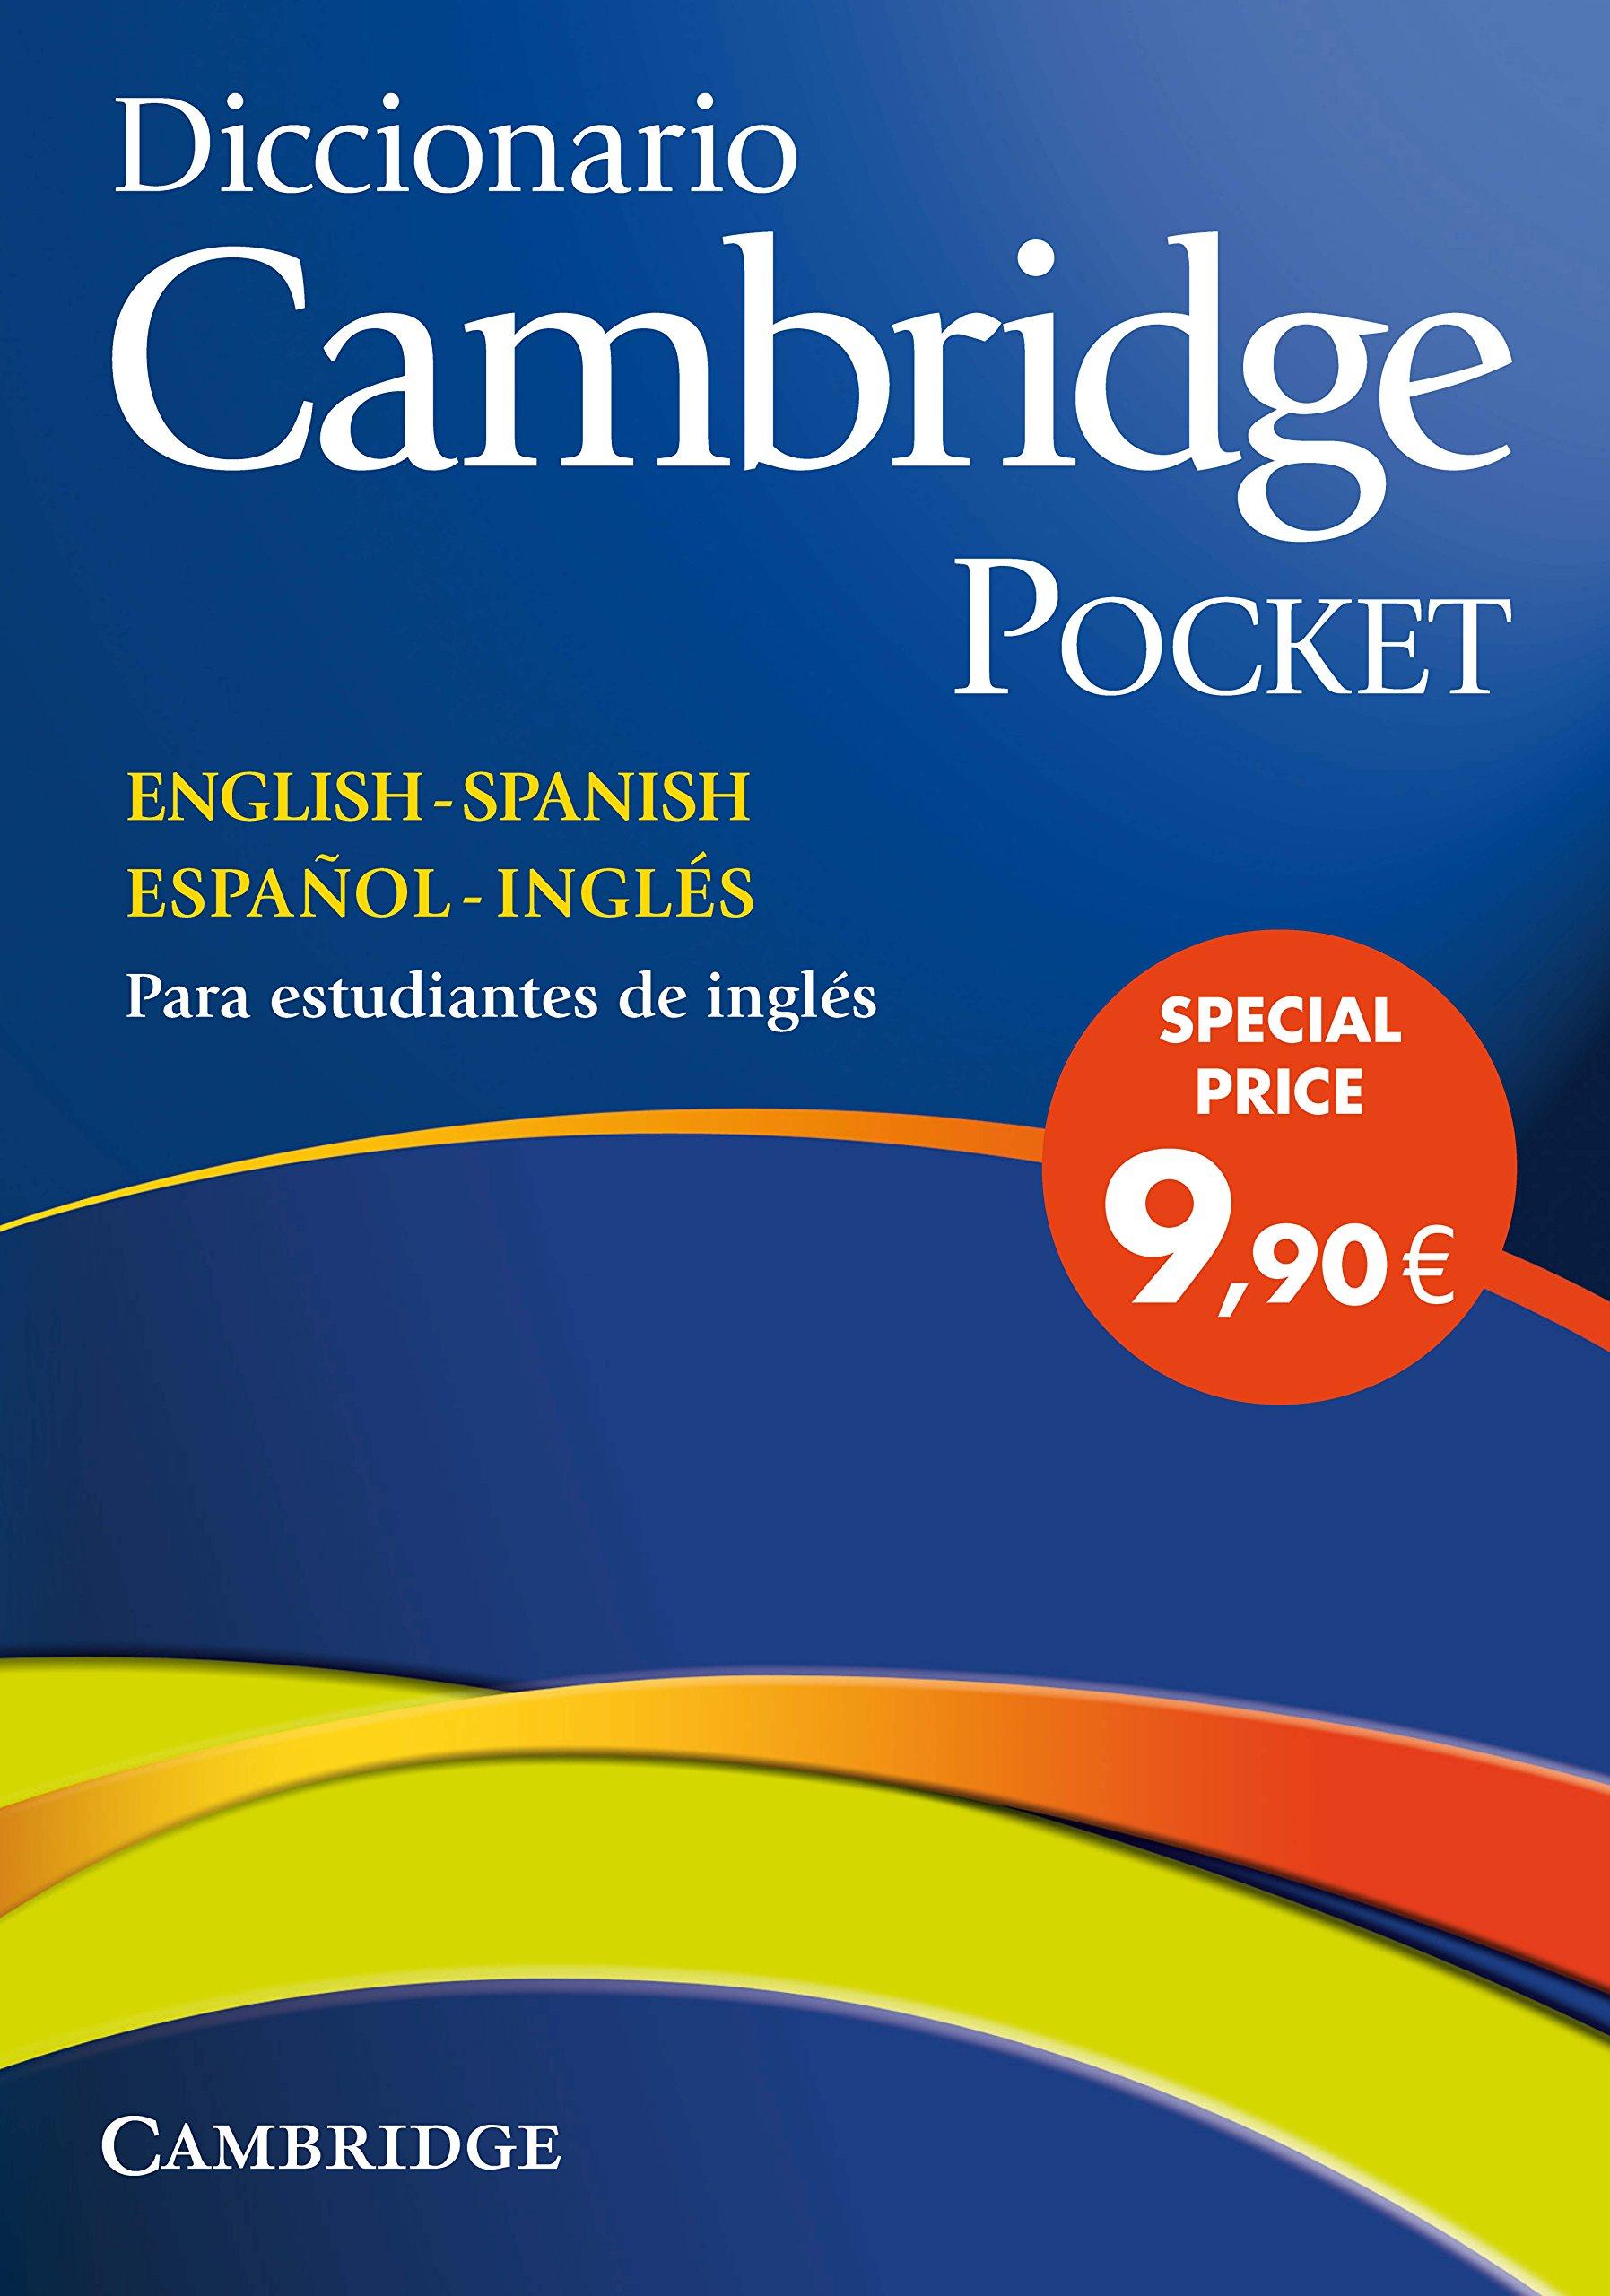 Diccionario Bilingue Cambridge Spanish-English Flexi-cover Pocket edition:  Amazon.es: VV.AA.: Libros en idiomas extranjeros